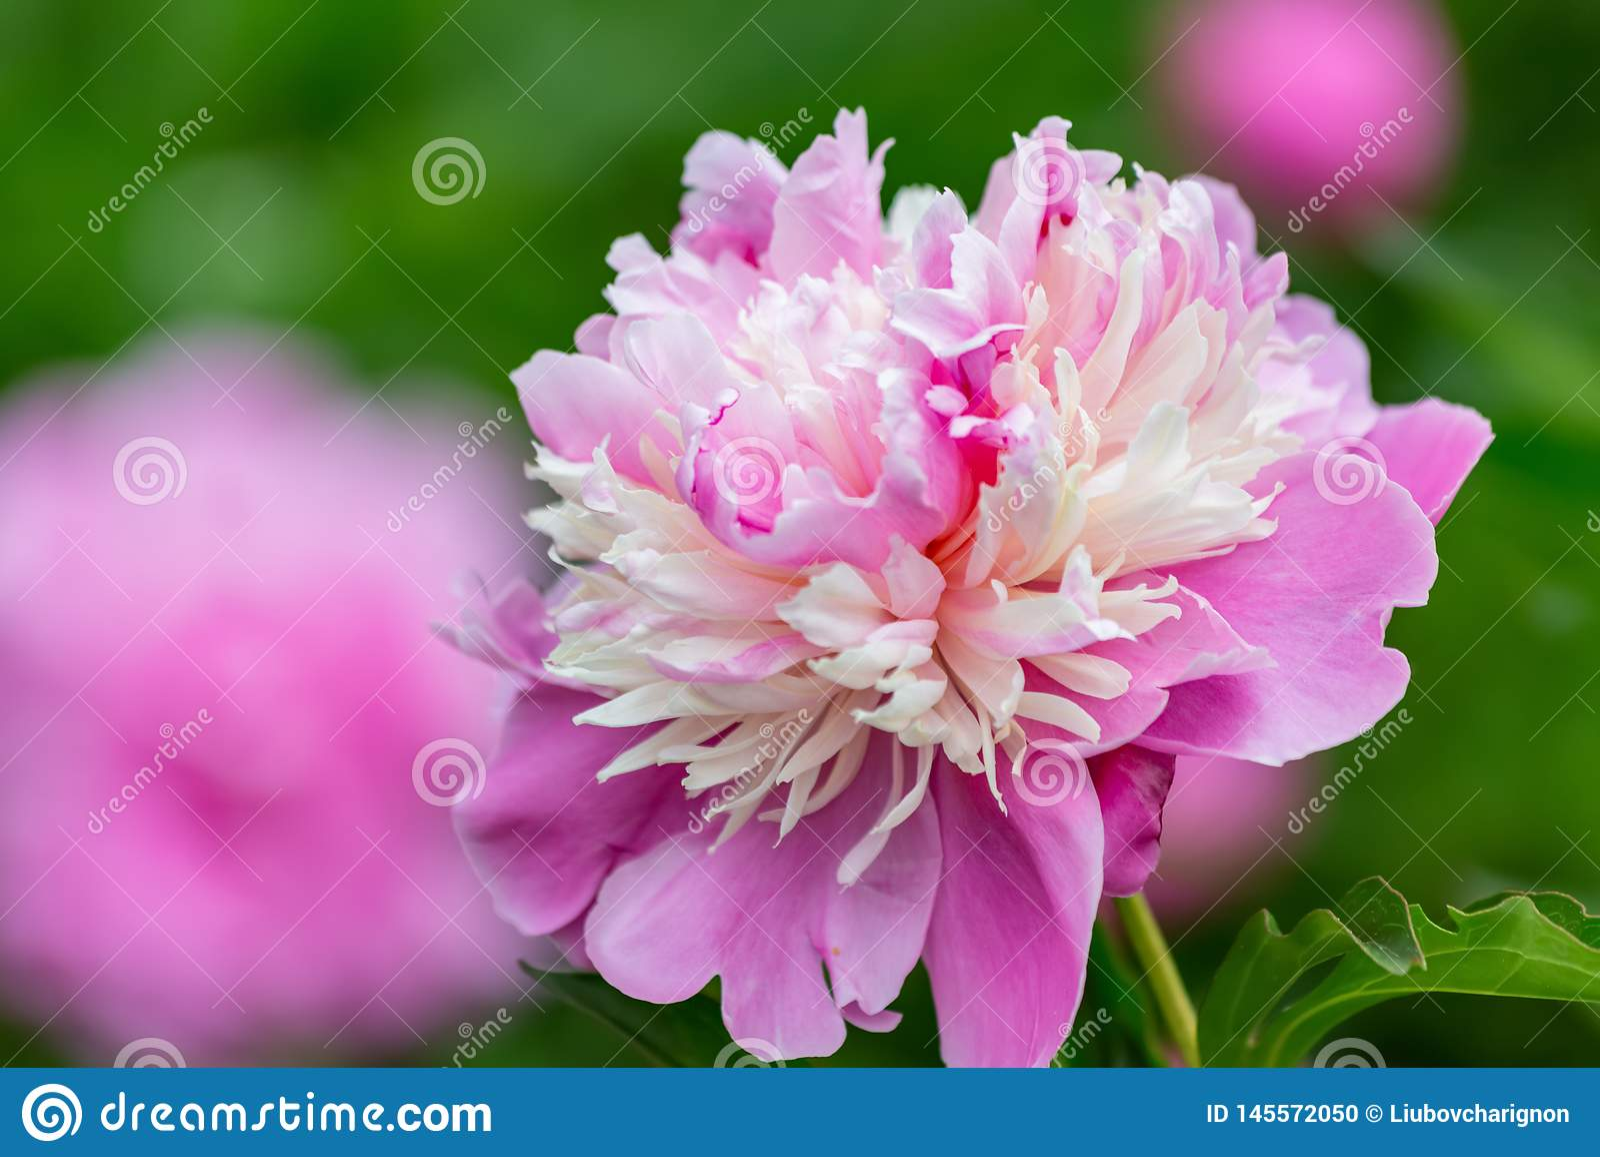 Rosa pionblommor i en frukttr?dg?rd